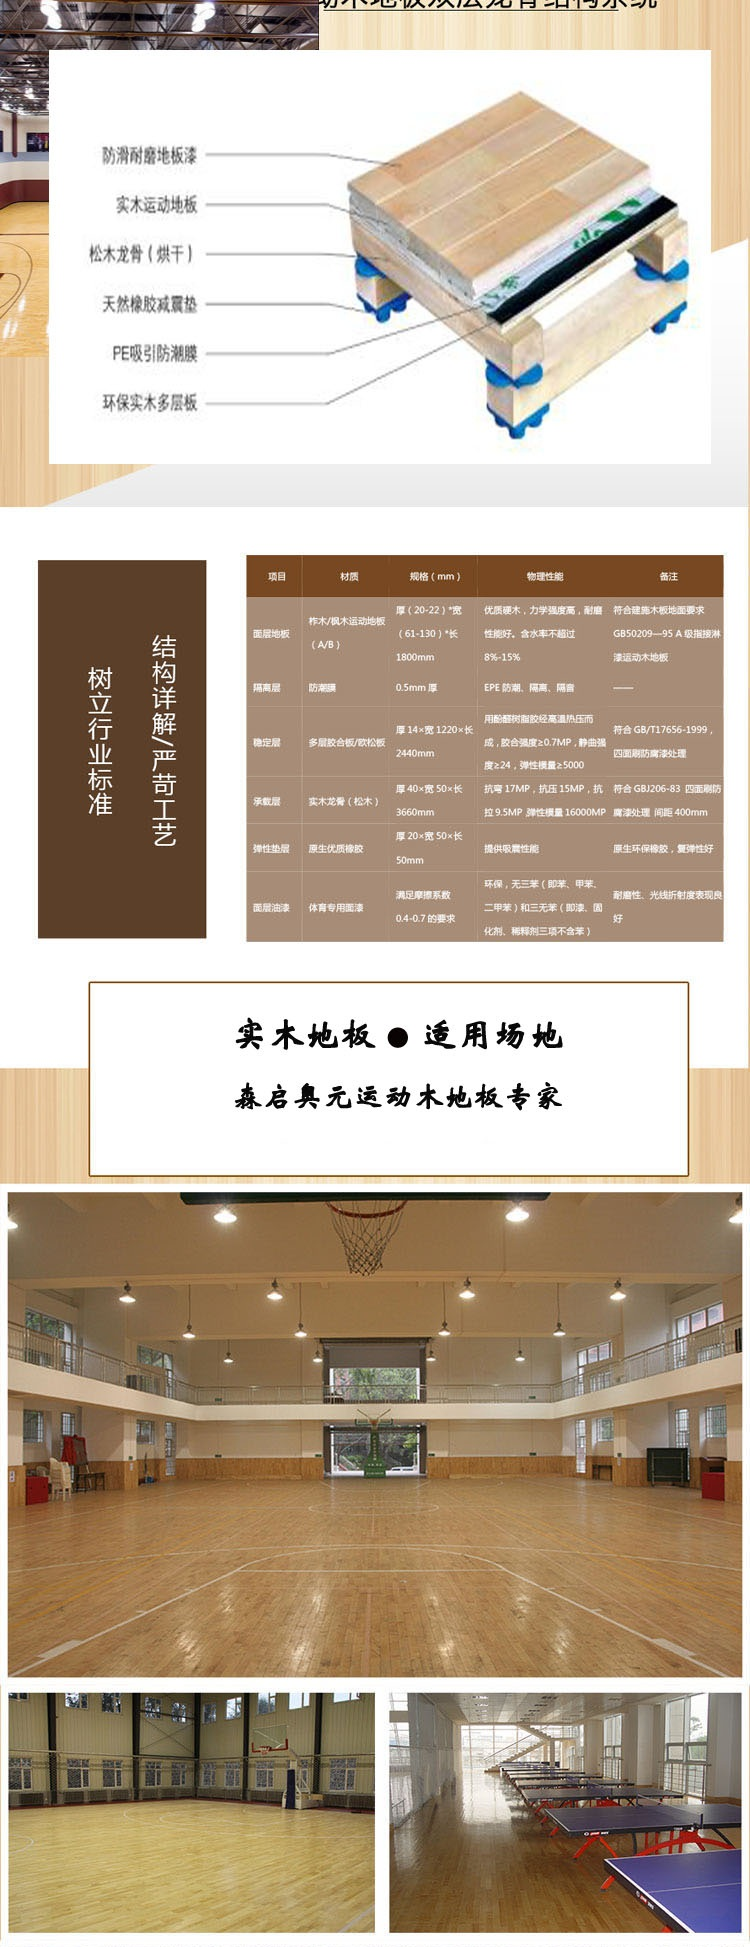 厂家直售 室内运动木地板 体育馆专用木地板 篮球馆木地板 枫木运动地板 桦木运动地板 纯实木运动地板 全国安装现货销售示例图3